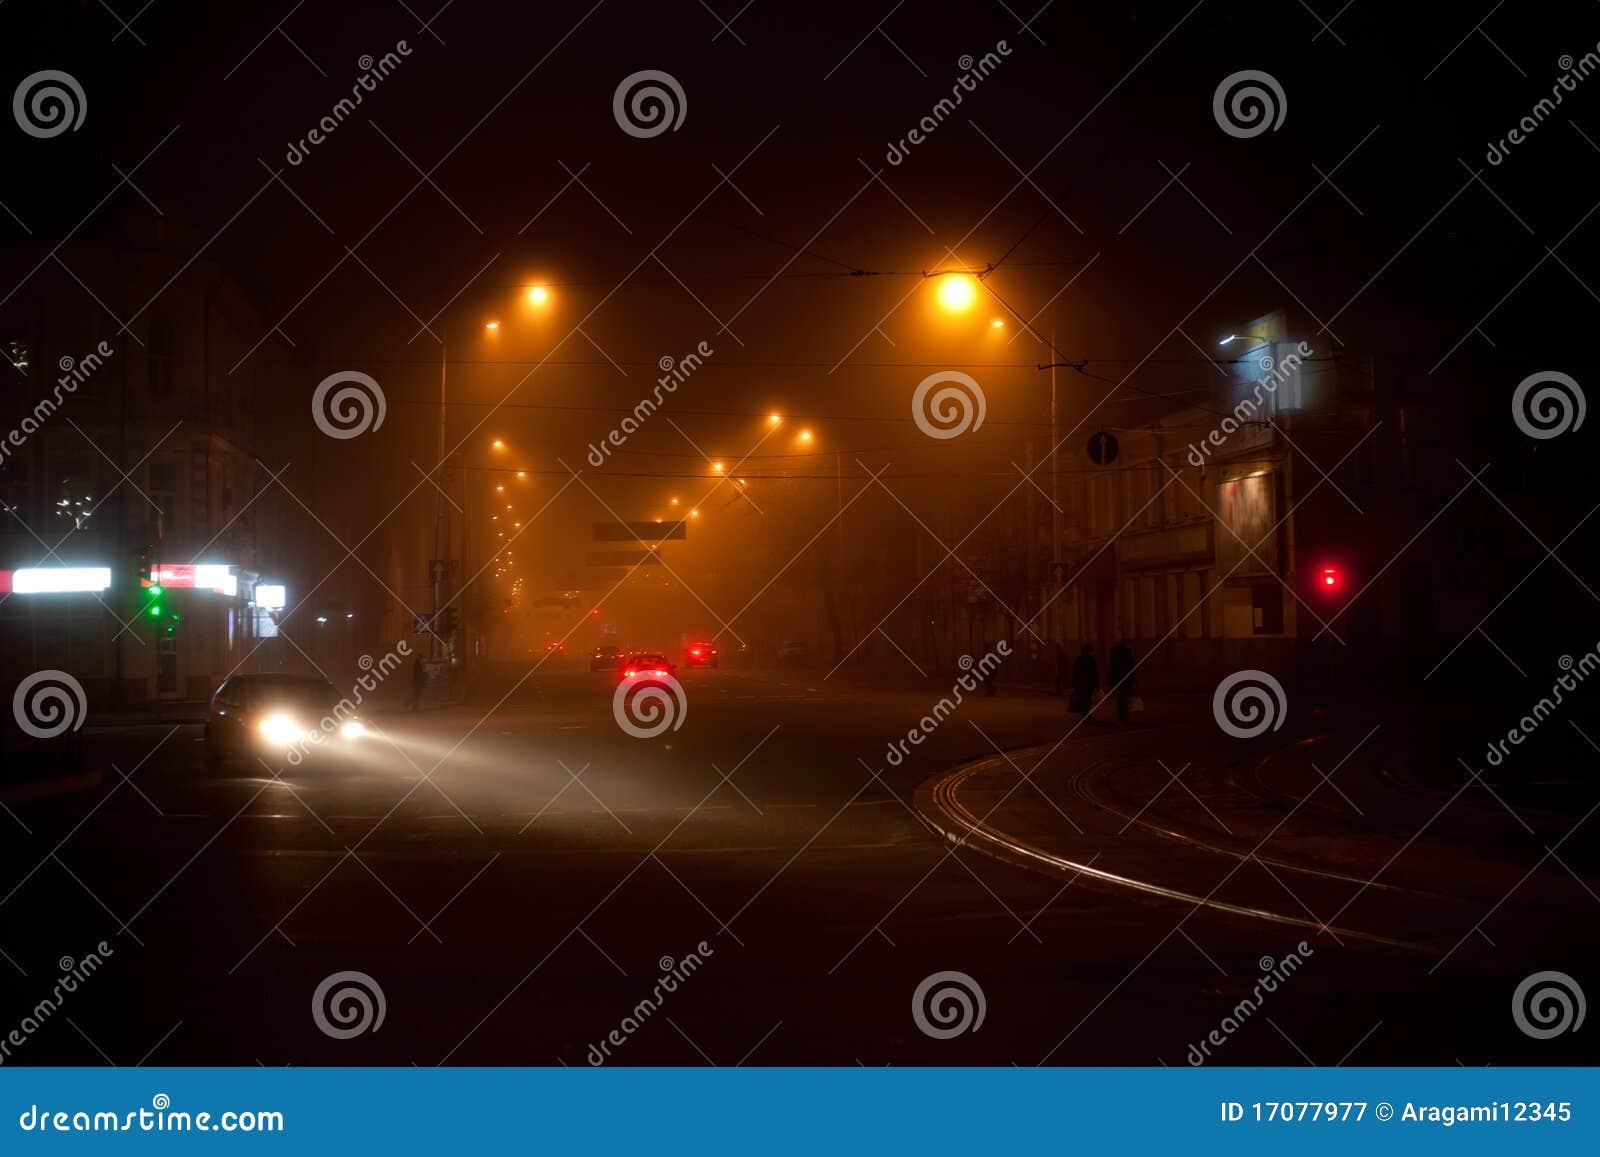 Nachtszene mit bewegliches carsand gehenden Leuten